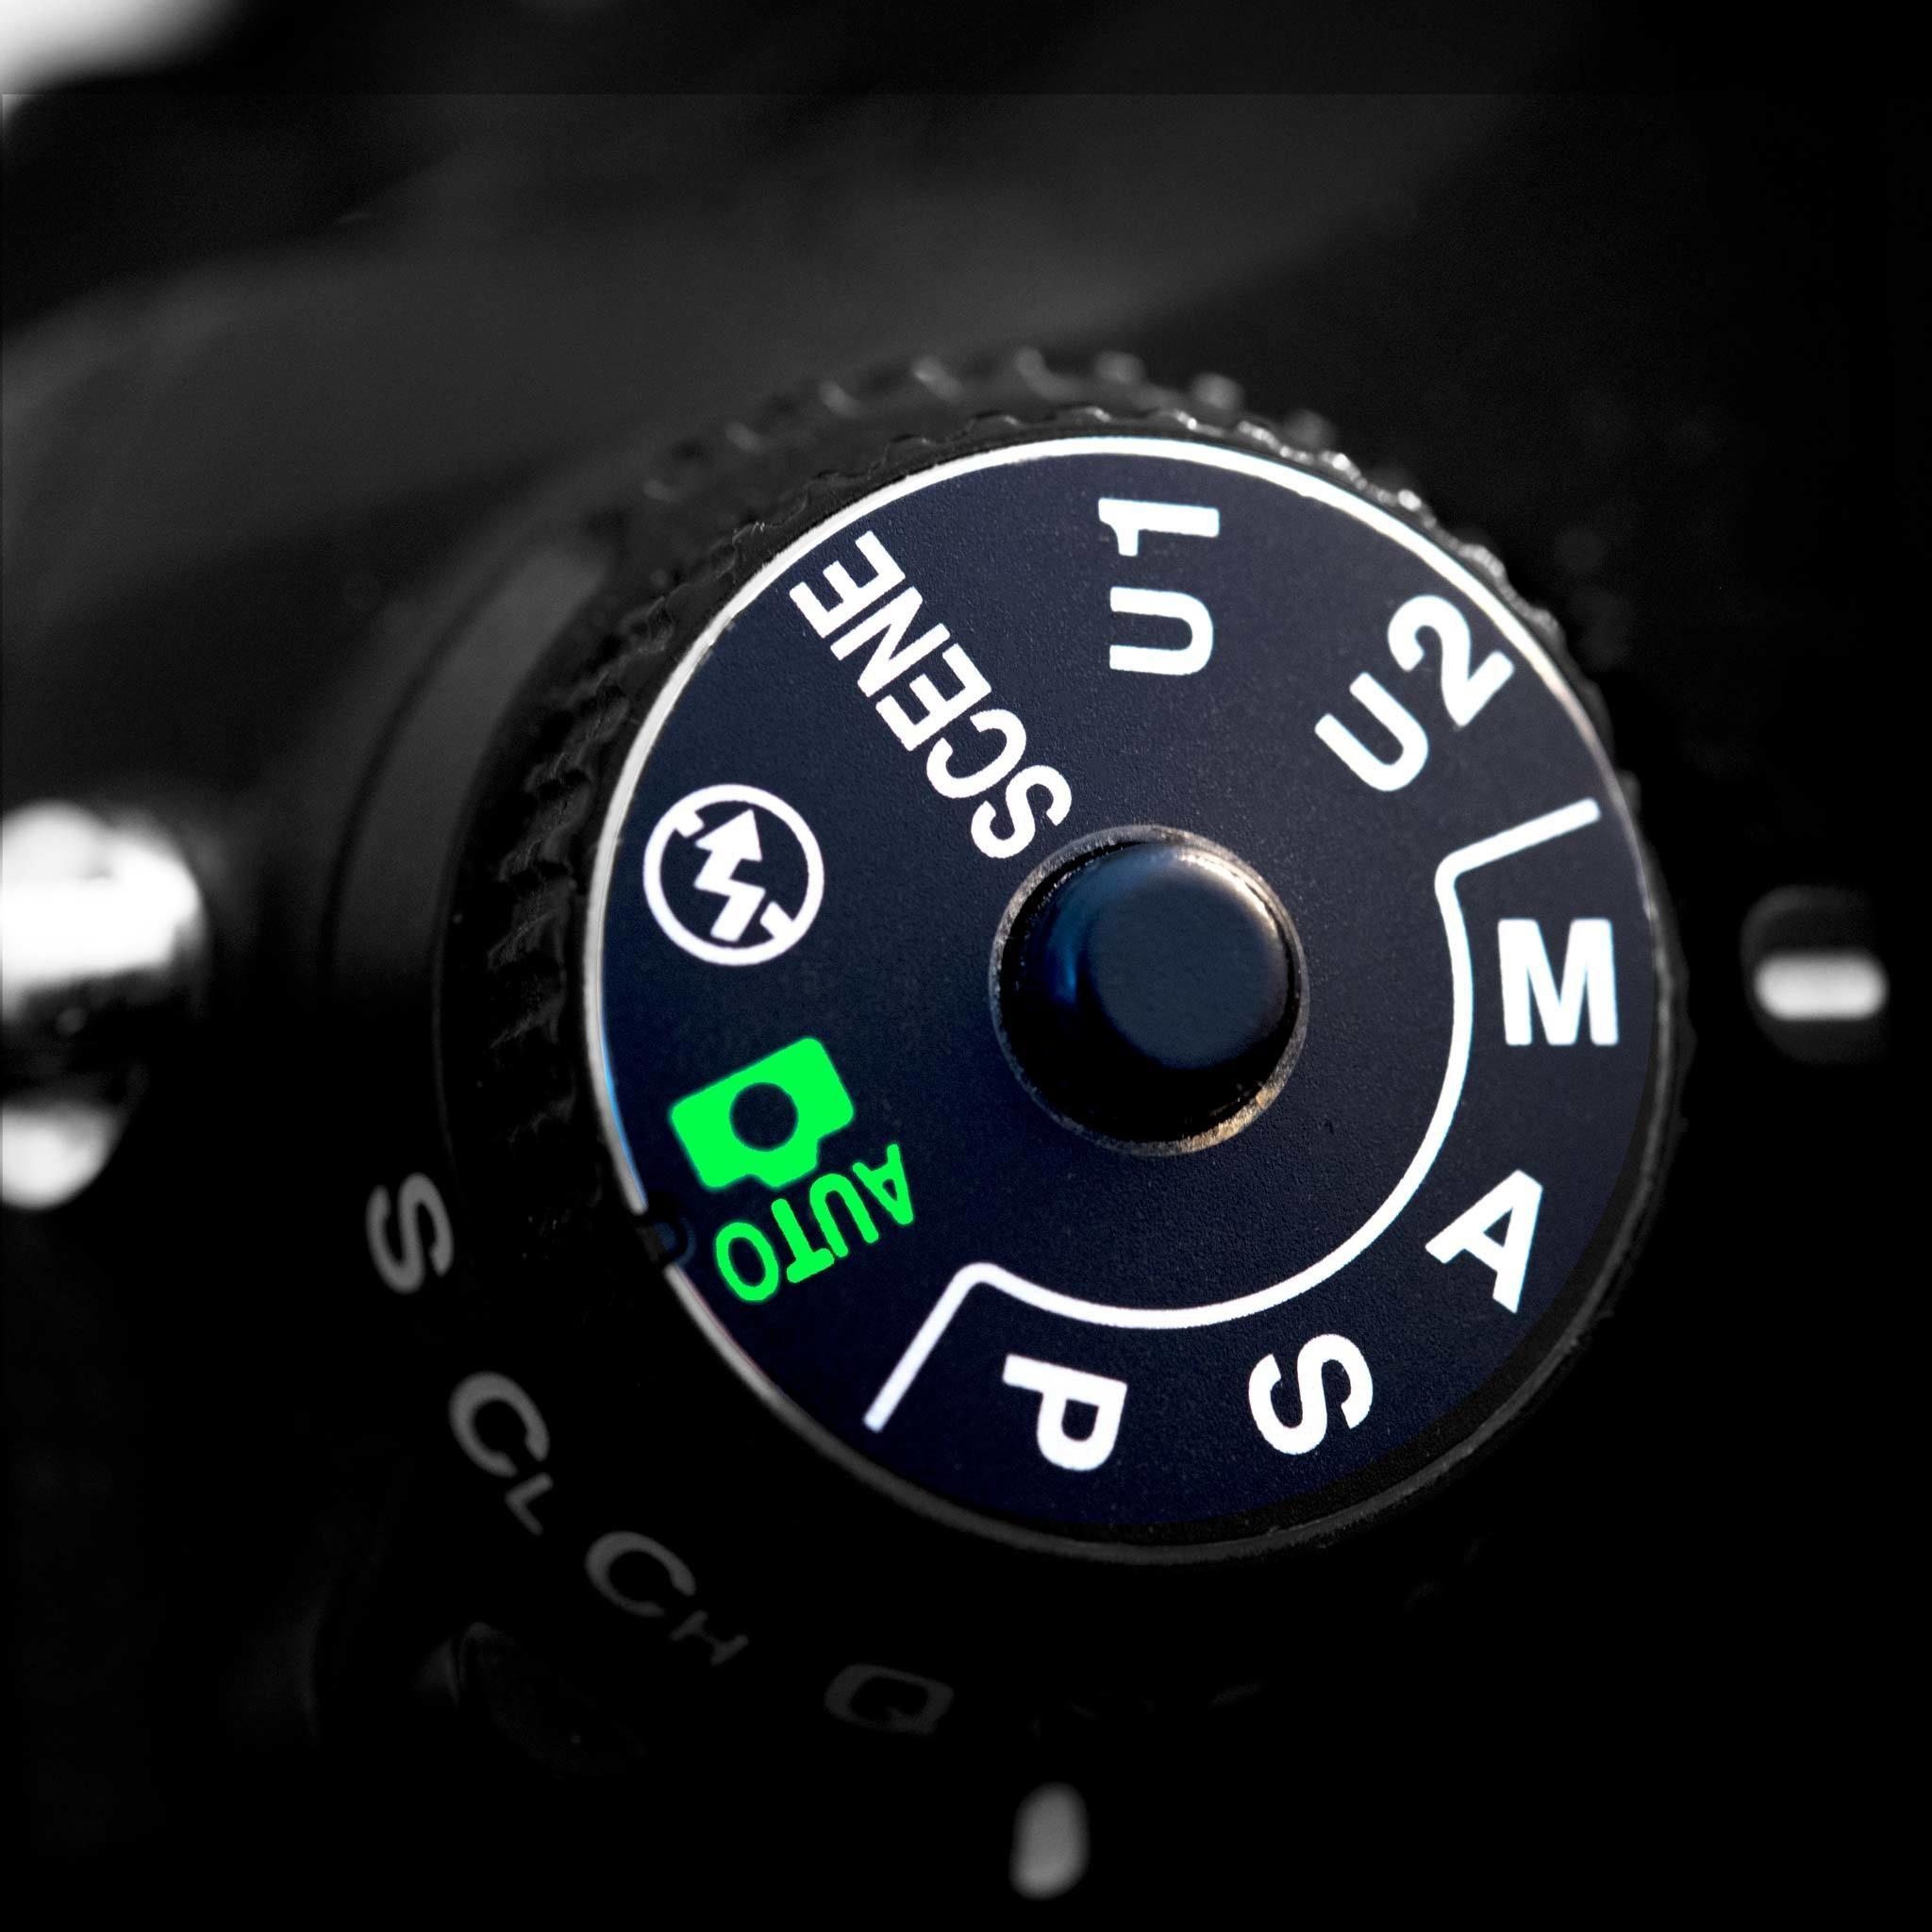 Das kleine Foto 1 x 1 - Kameramodi P, A, S, M (Av, Tv, AUTO, SCENE)